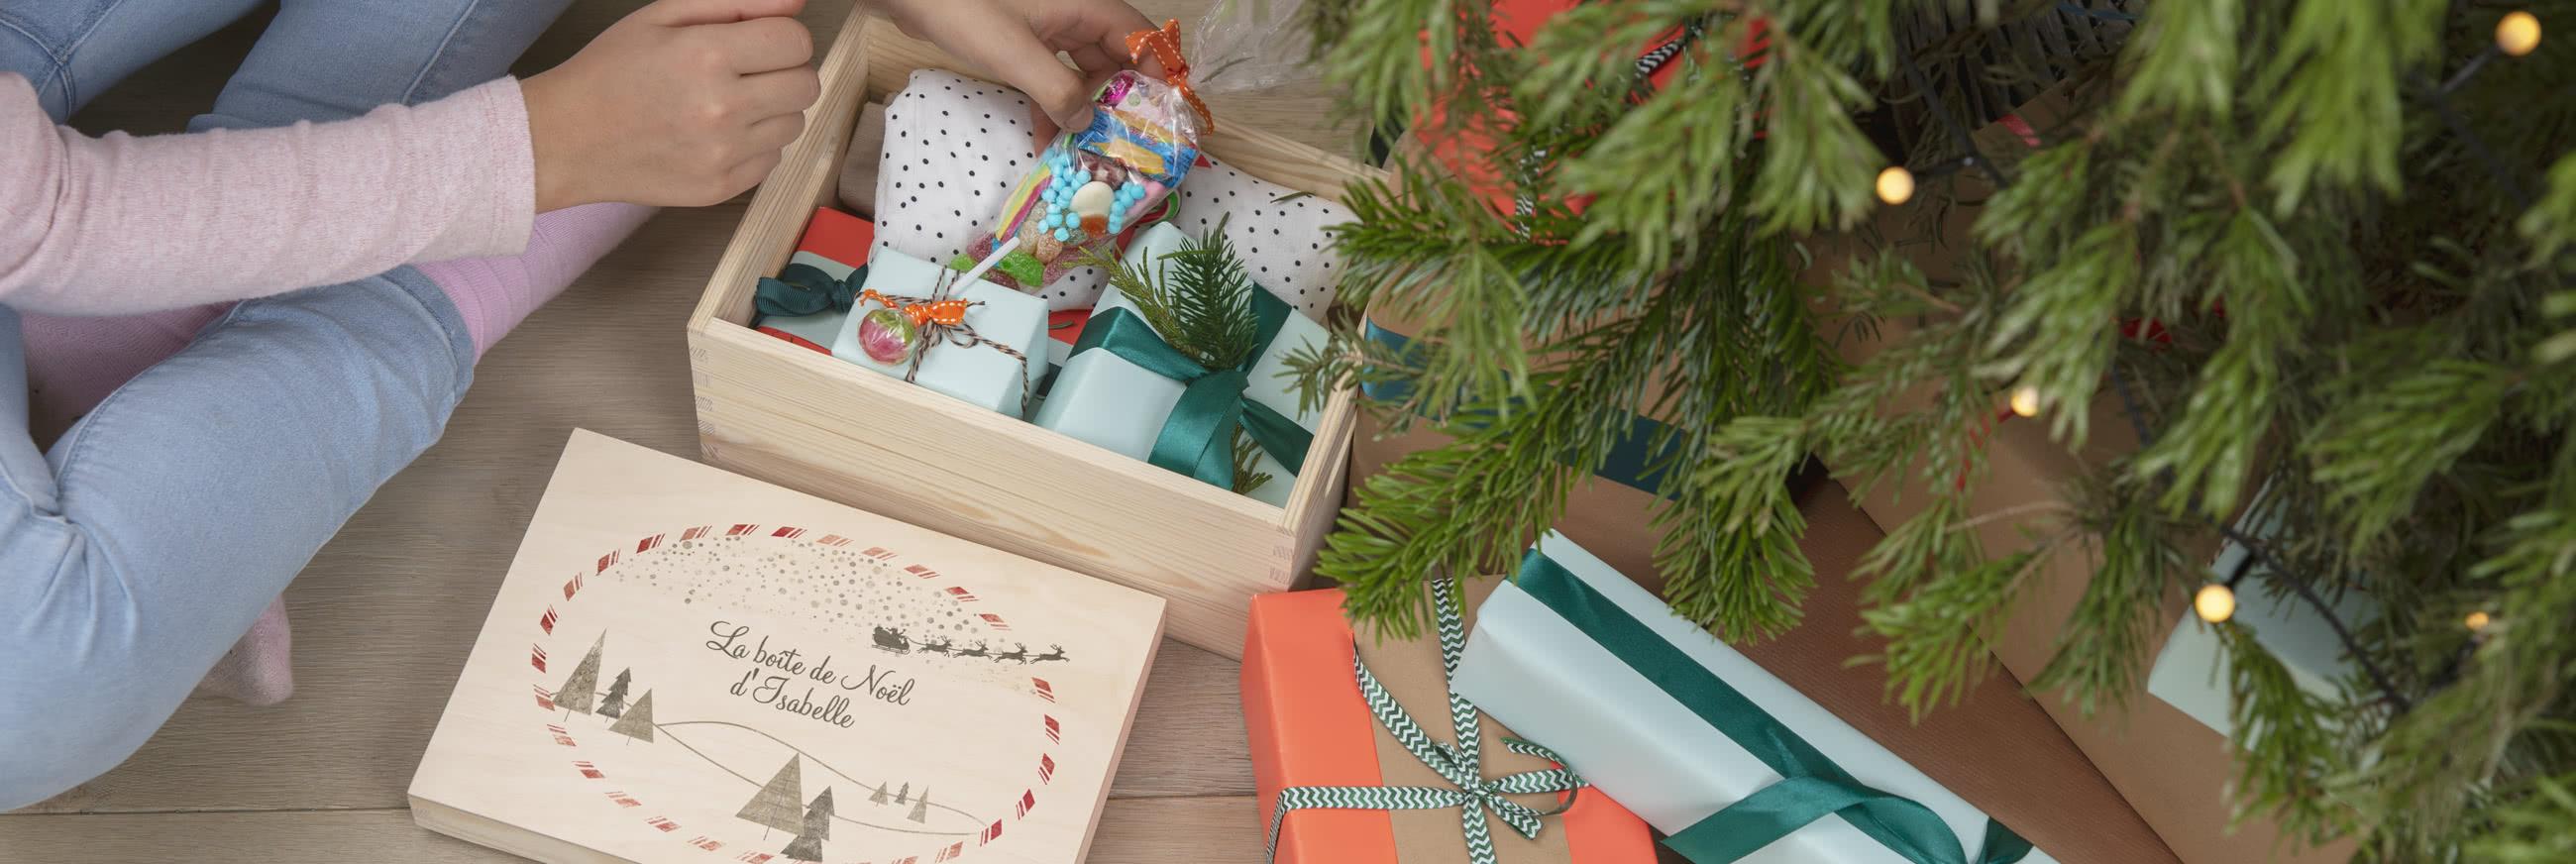 Boîte Cadeau de Noël Personnalisée